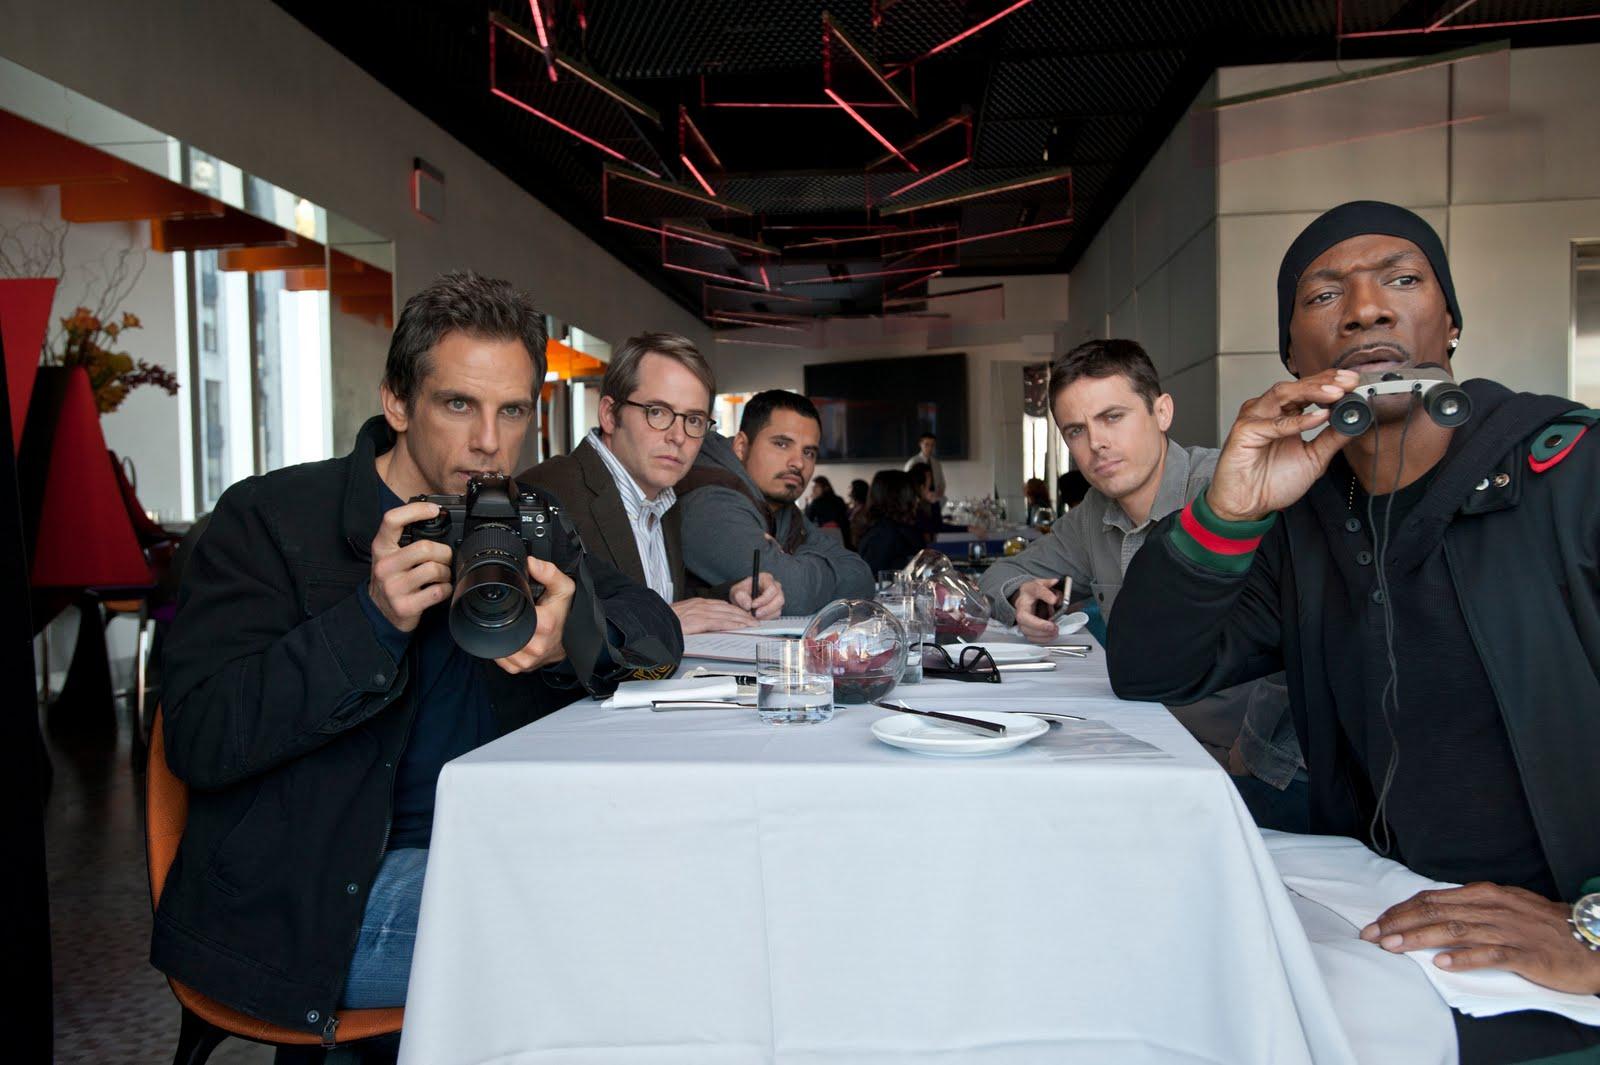 http://1.bp.blogspot.com/-n0Csgp_Ybkk/TowjzQ-dv8I/AAAAAAAAEyc/MVLA9-gNDTs/s1600/tower-heist-2011-Ben-Stiller_Matthew-Broderick_Michael-Pena_Casey-Affleck_Eddie-Murphy-3.jpg